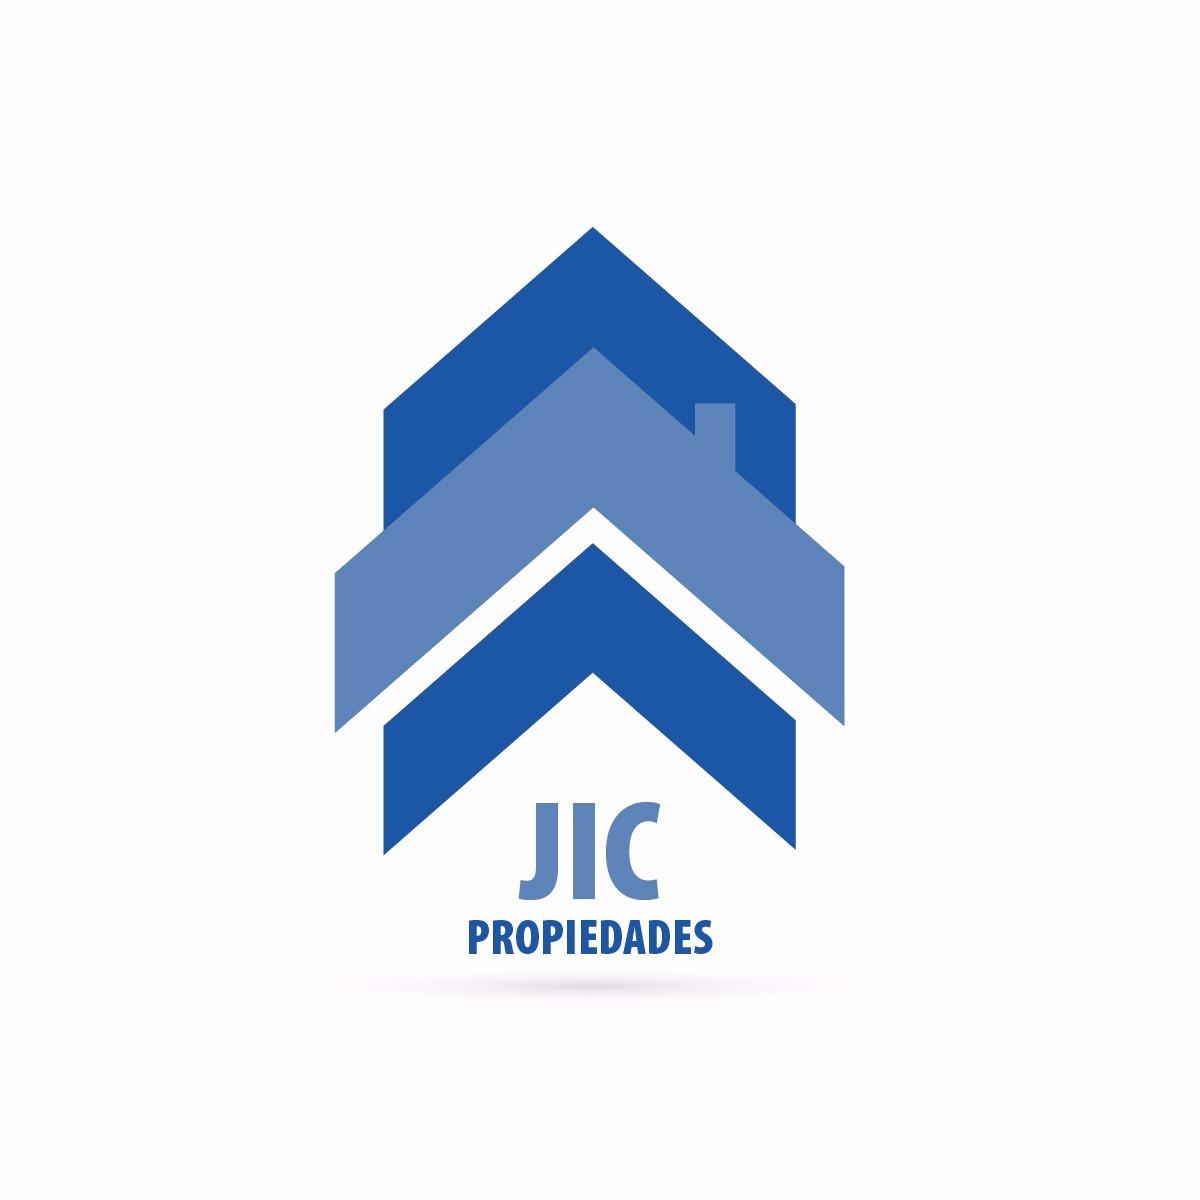 José Igor Propiedades